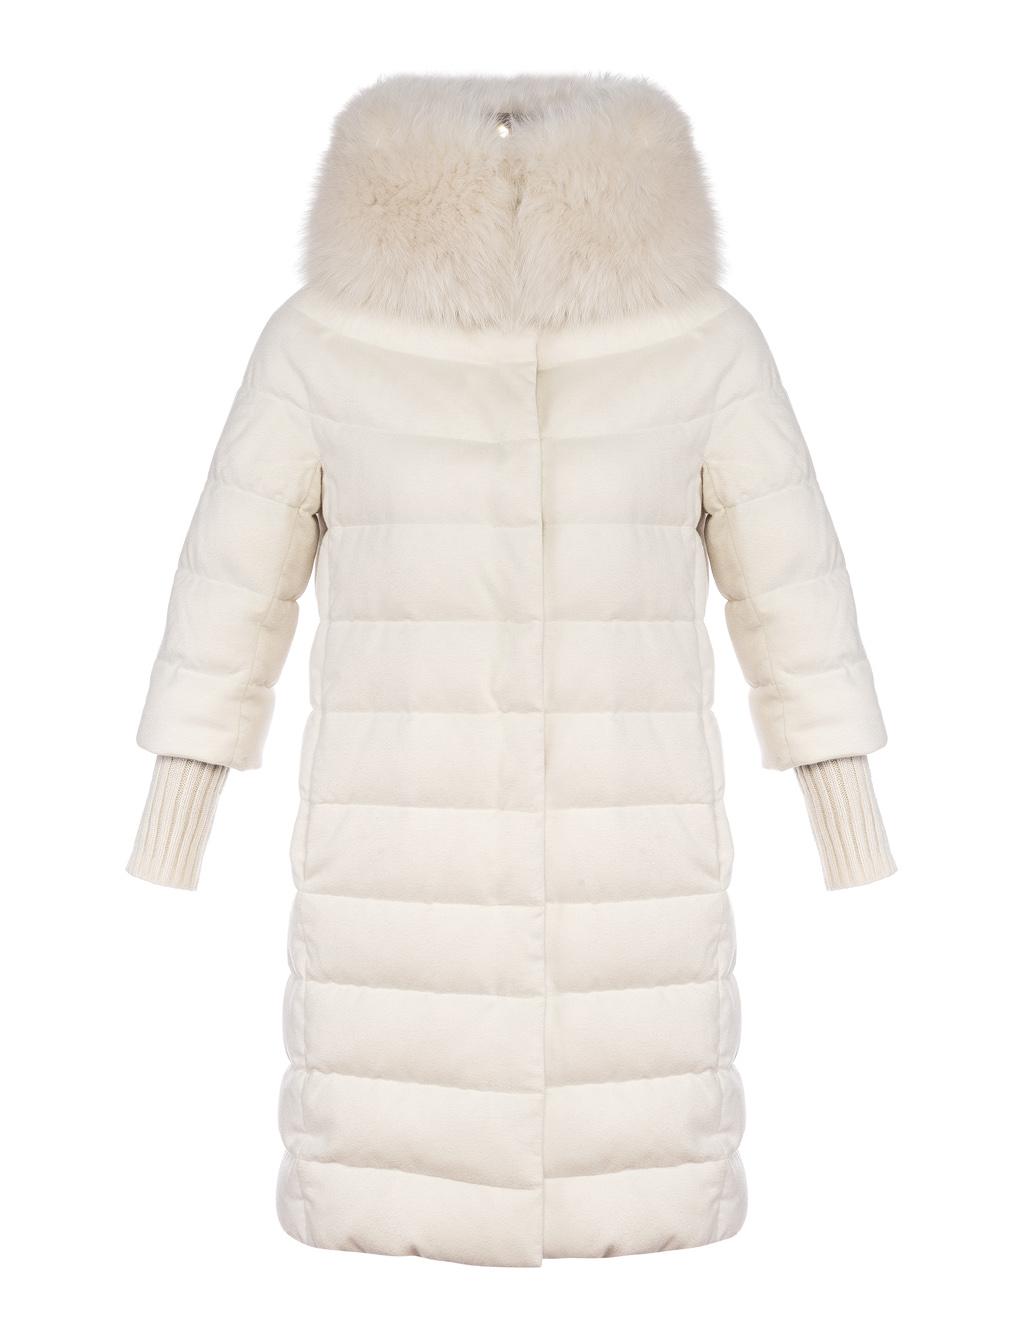 HERNO DONNA – Piumini e cashmere-seta con trattamento anti-goccia, il vero lusso. Cappotto girocollo con maniche a 3/4 accessoriato da ampio collo in pelliccia e manicotti in maglia staccabili.